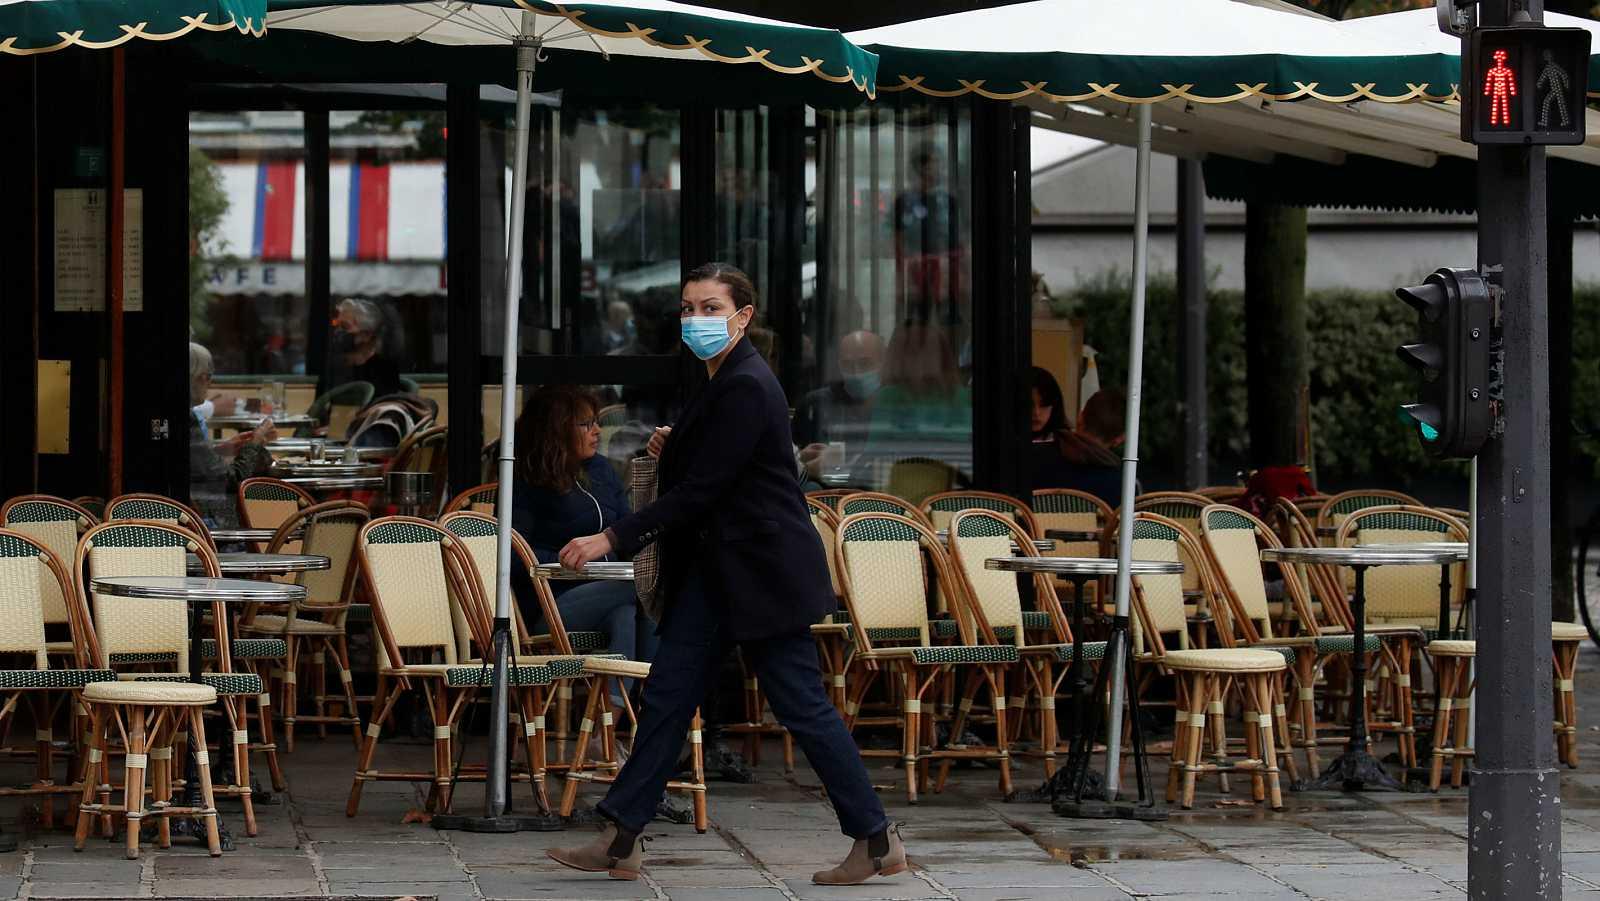 París alcanza la alerta máxima y permanecerá en ella al menos 15 días